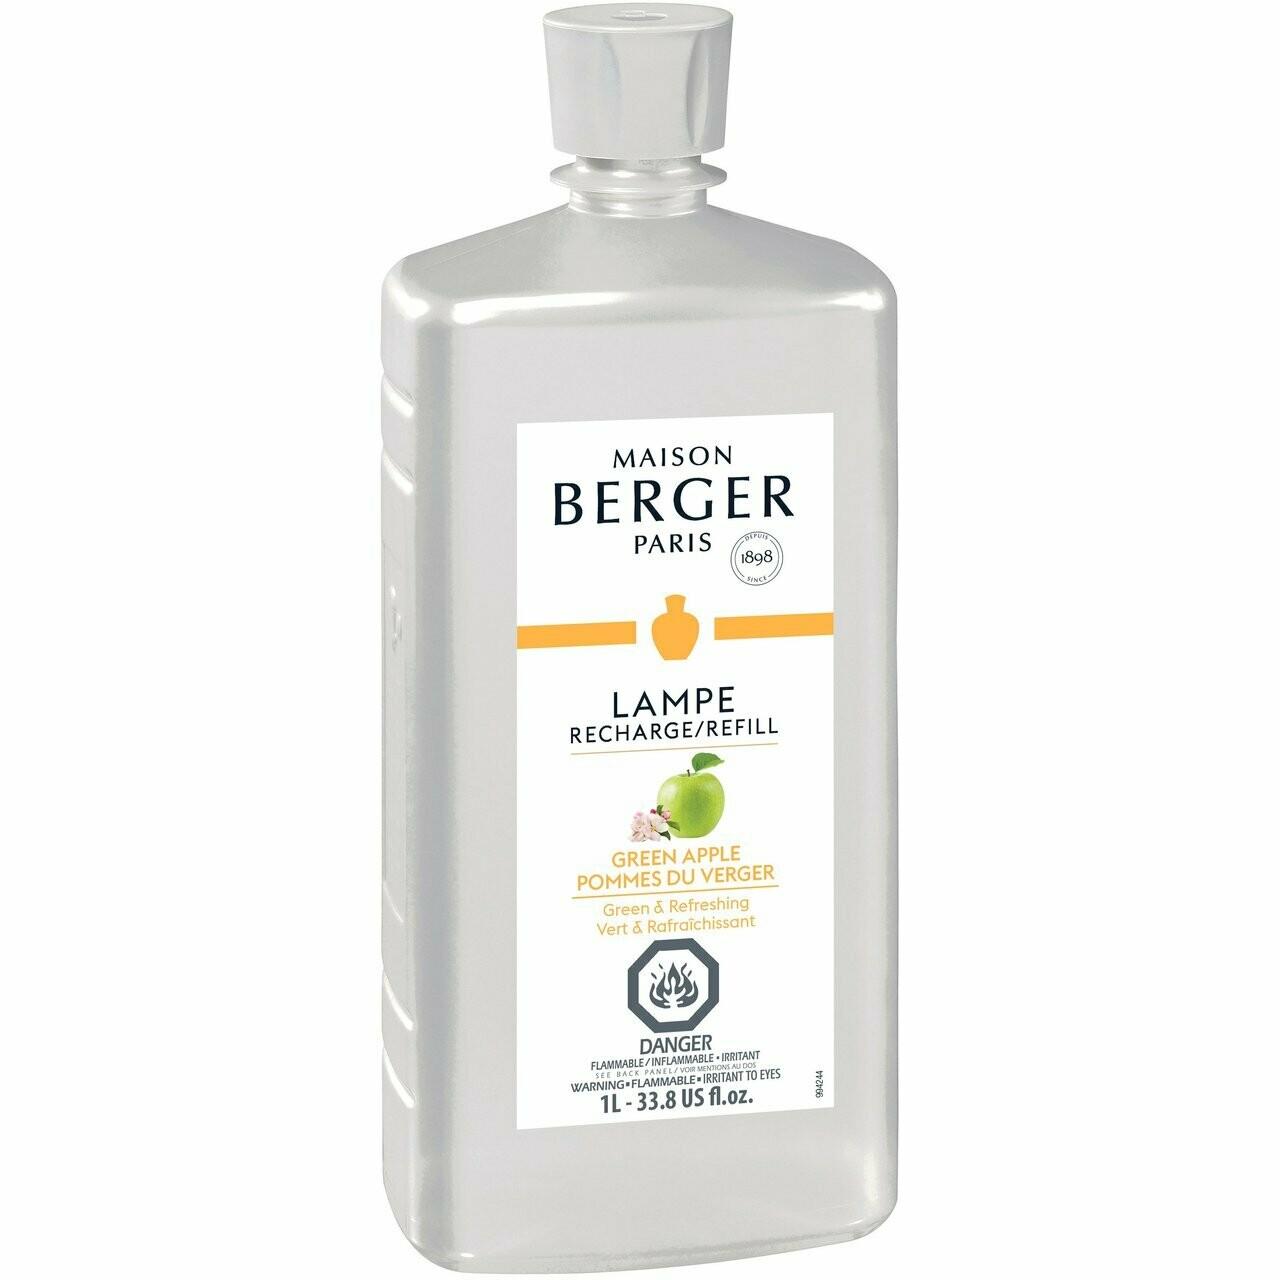 Green Apple 500 ml Fragrance